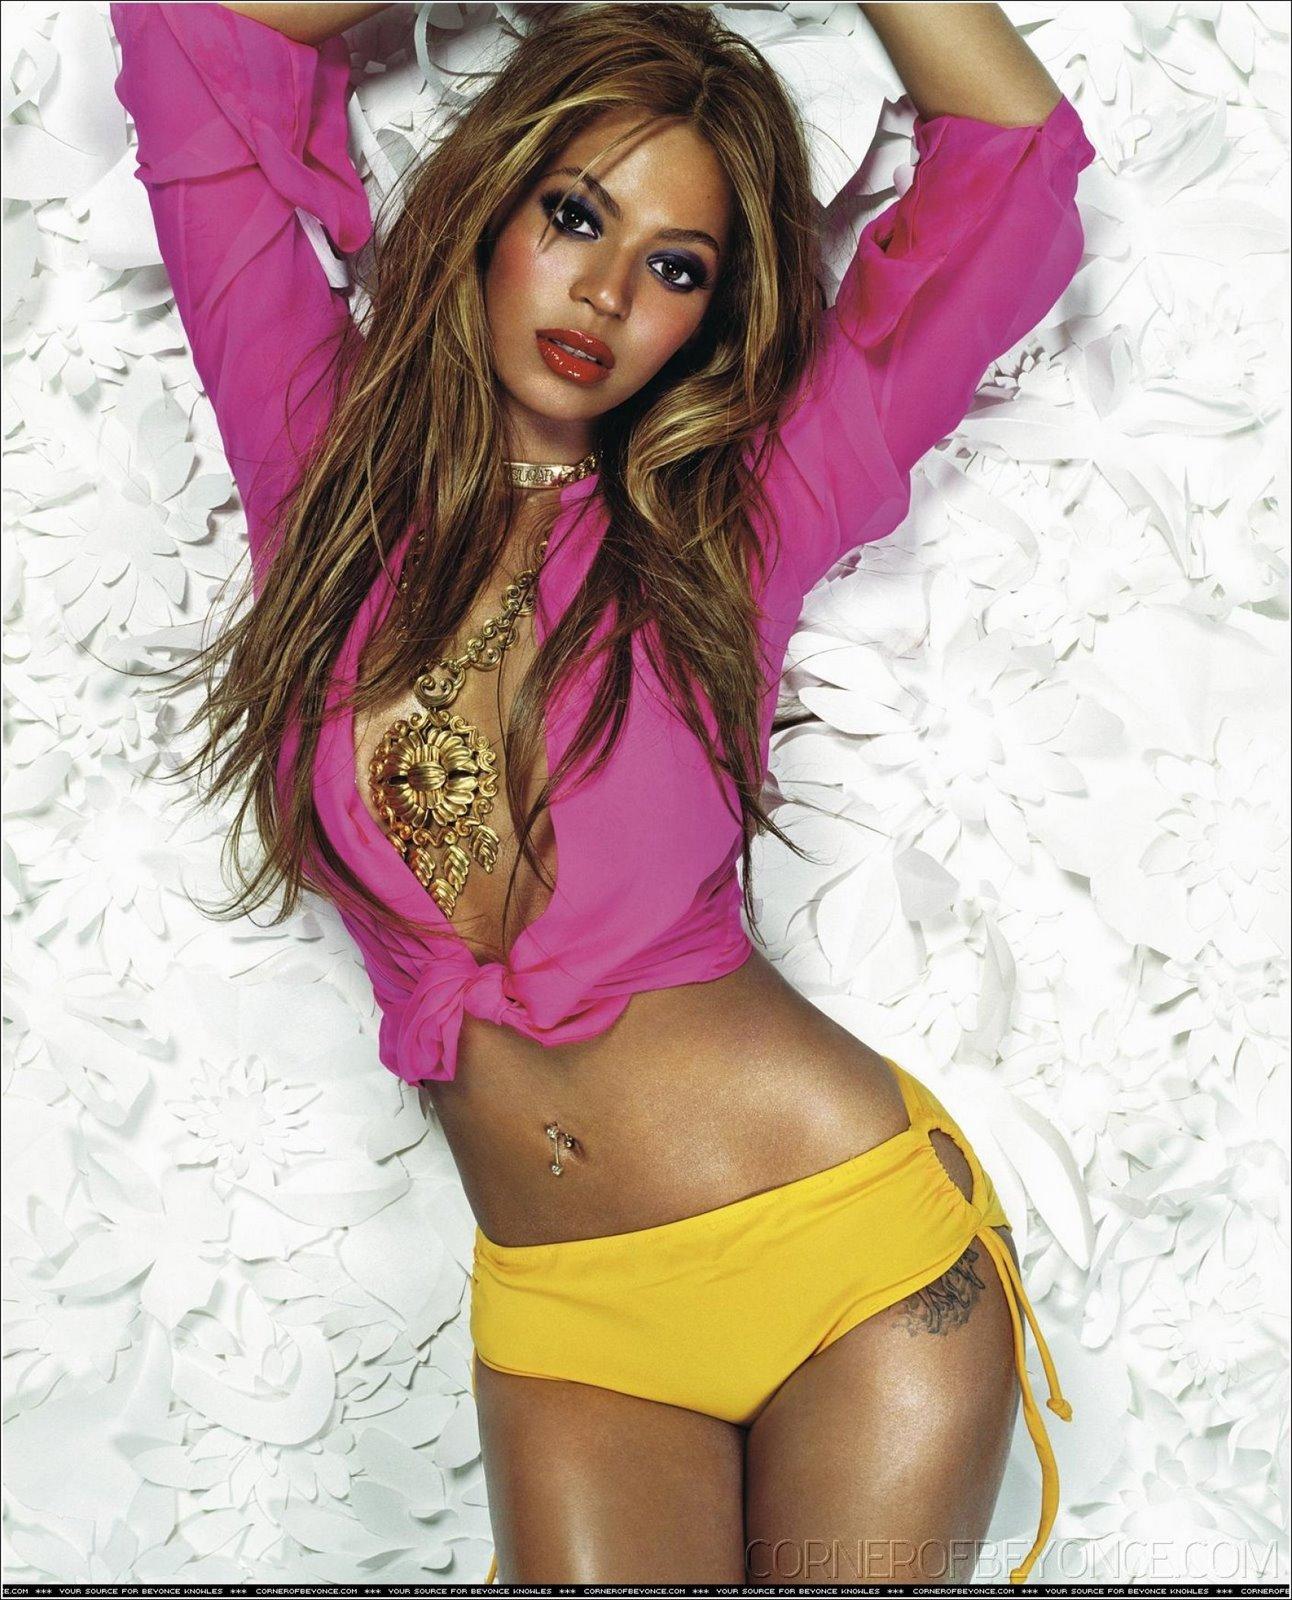 http://4.bp.blogspot.com/-2h0U-F5Q5gw/T2YDUQREPMI/AAAAAAAABNA/eCi3TcQM-p8/s1600/Beyonce+Knowles+(1).jpg